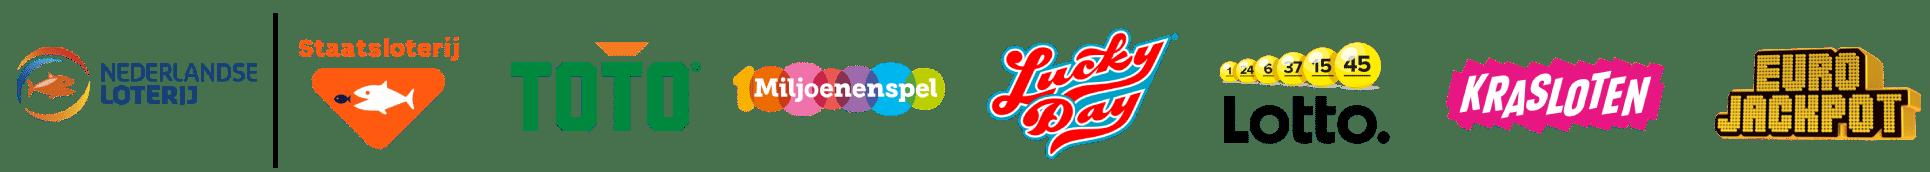 Nederlandse Loterij: Staatsloterij, TOTO, Miljoenenspel, Lucky Day, Lotto, Krasloten, Euro Jackpot